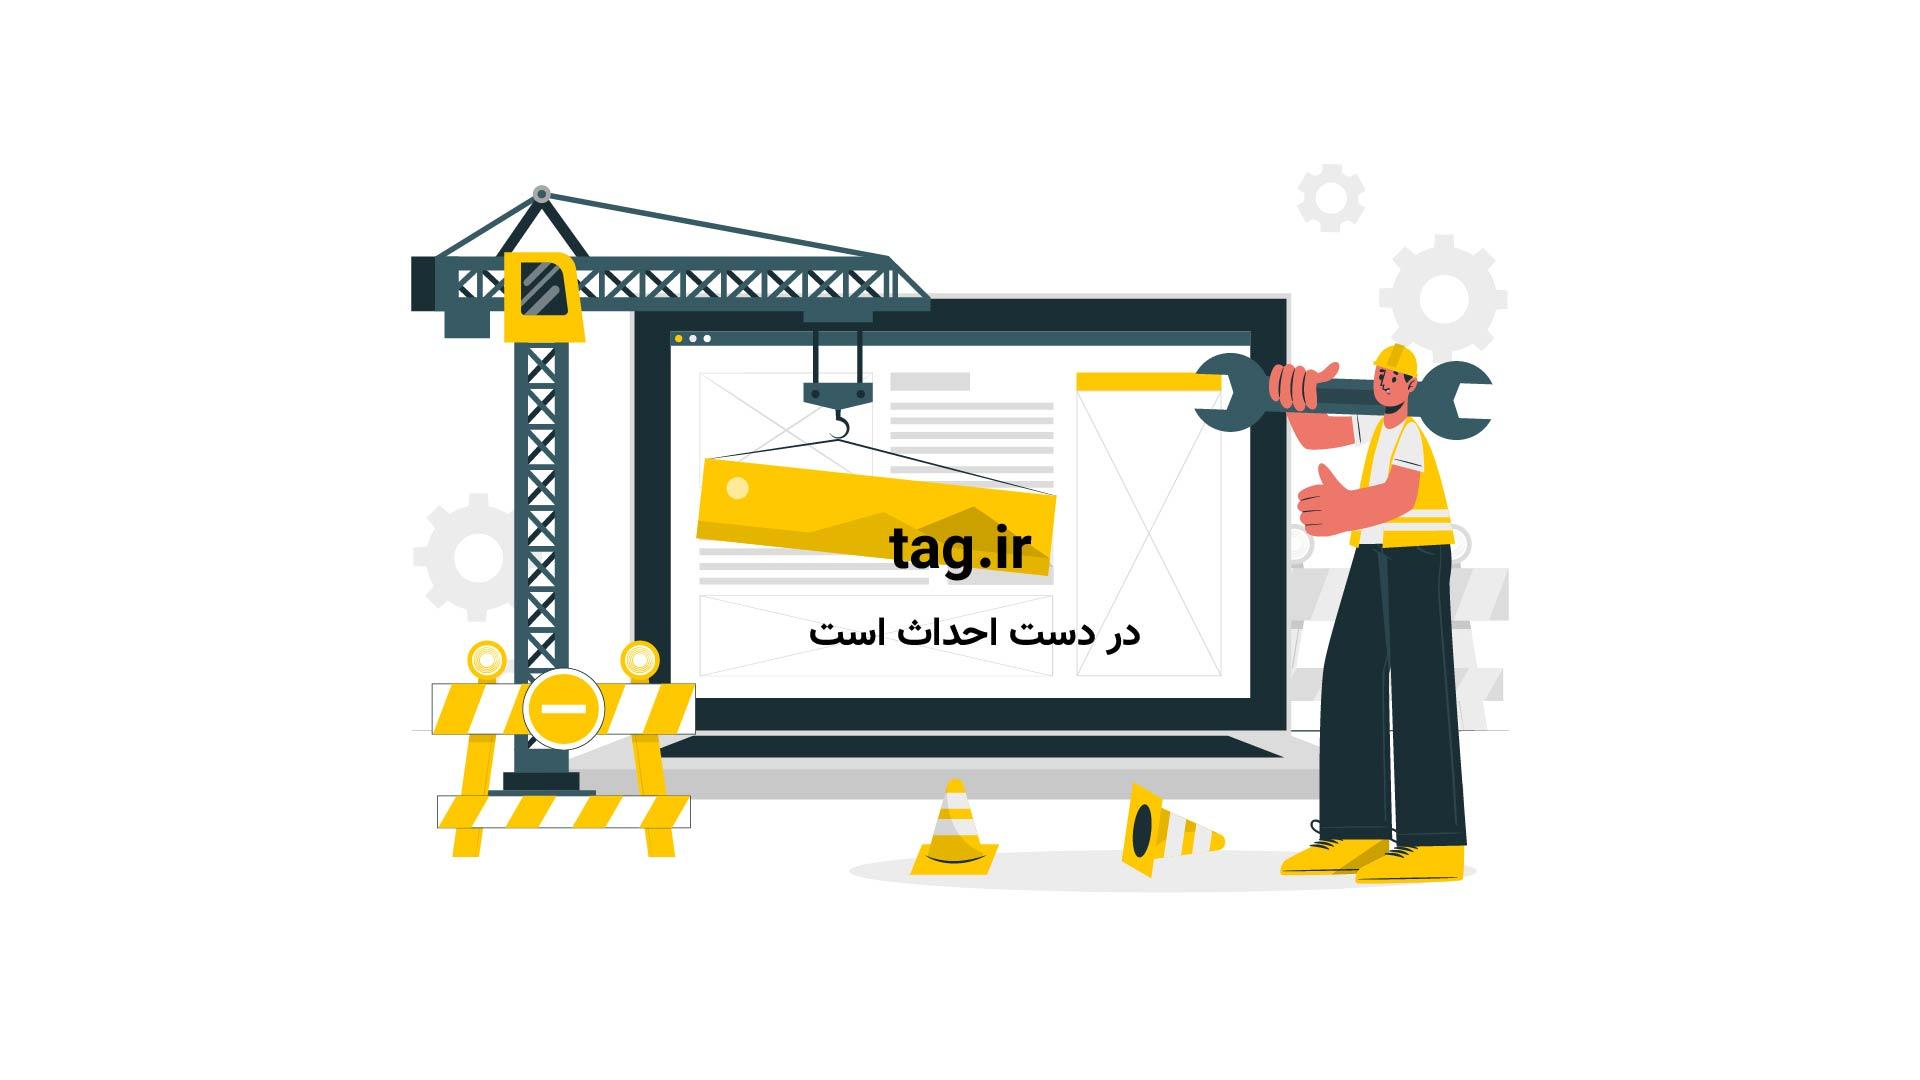 تصادف موتور سیکلت | تگ